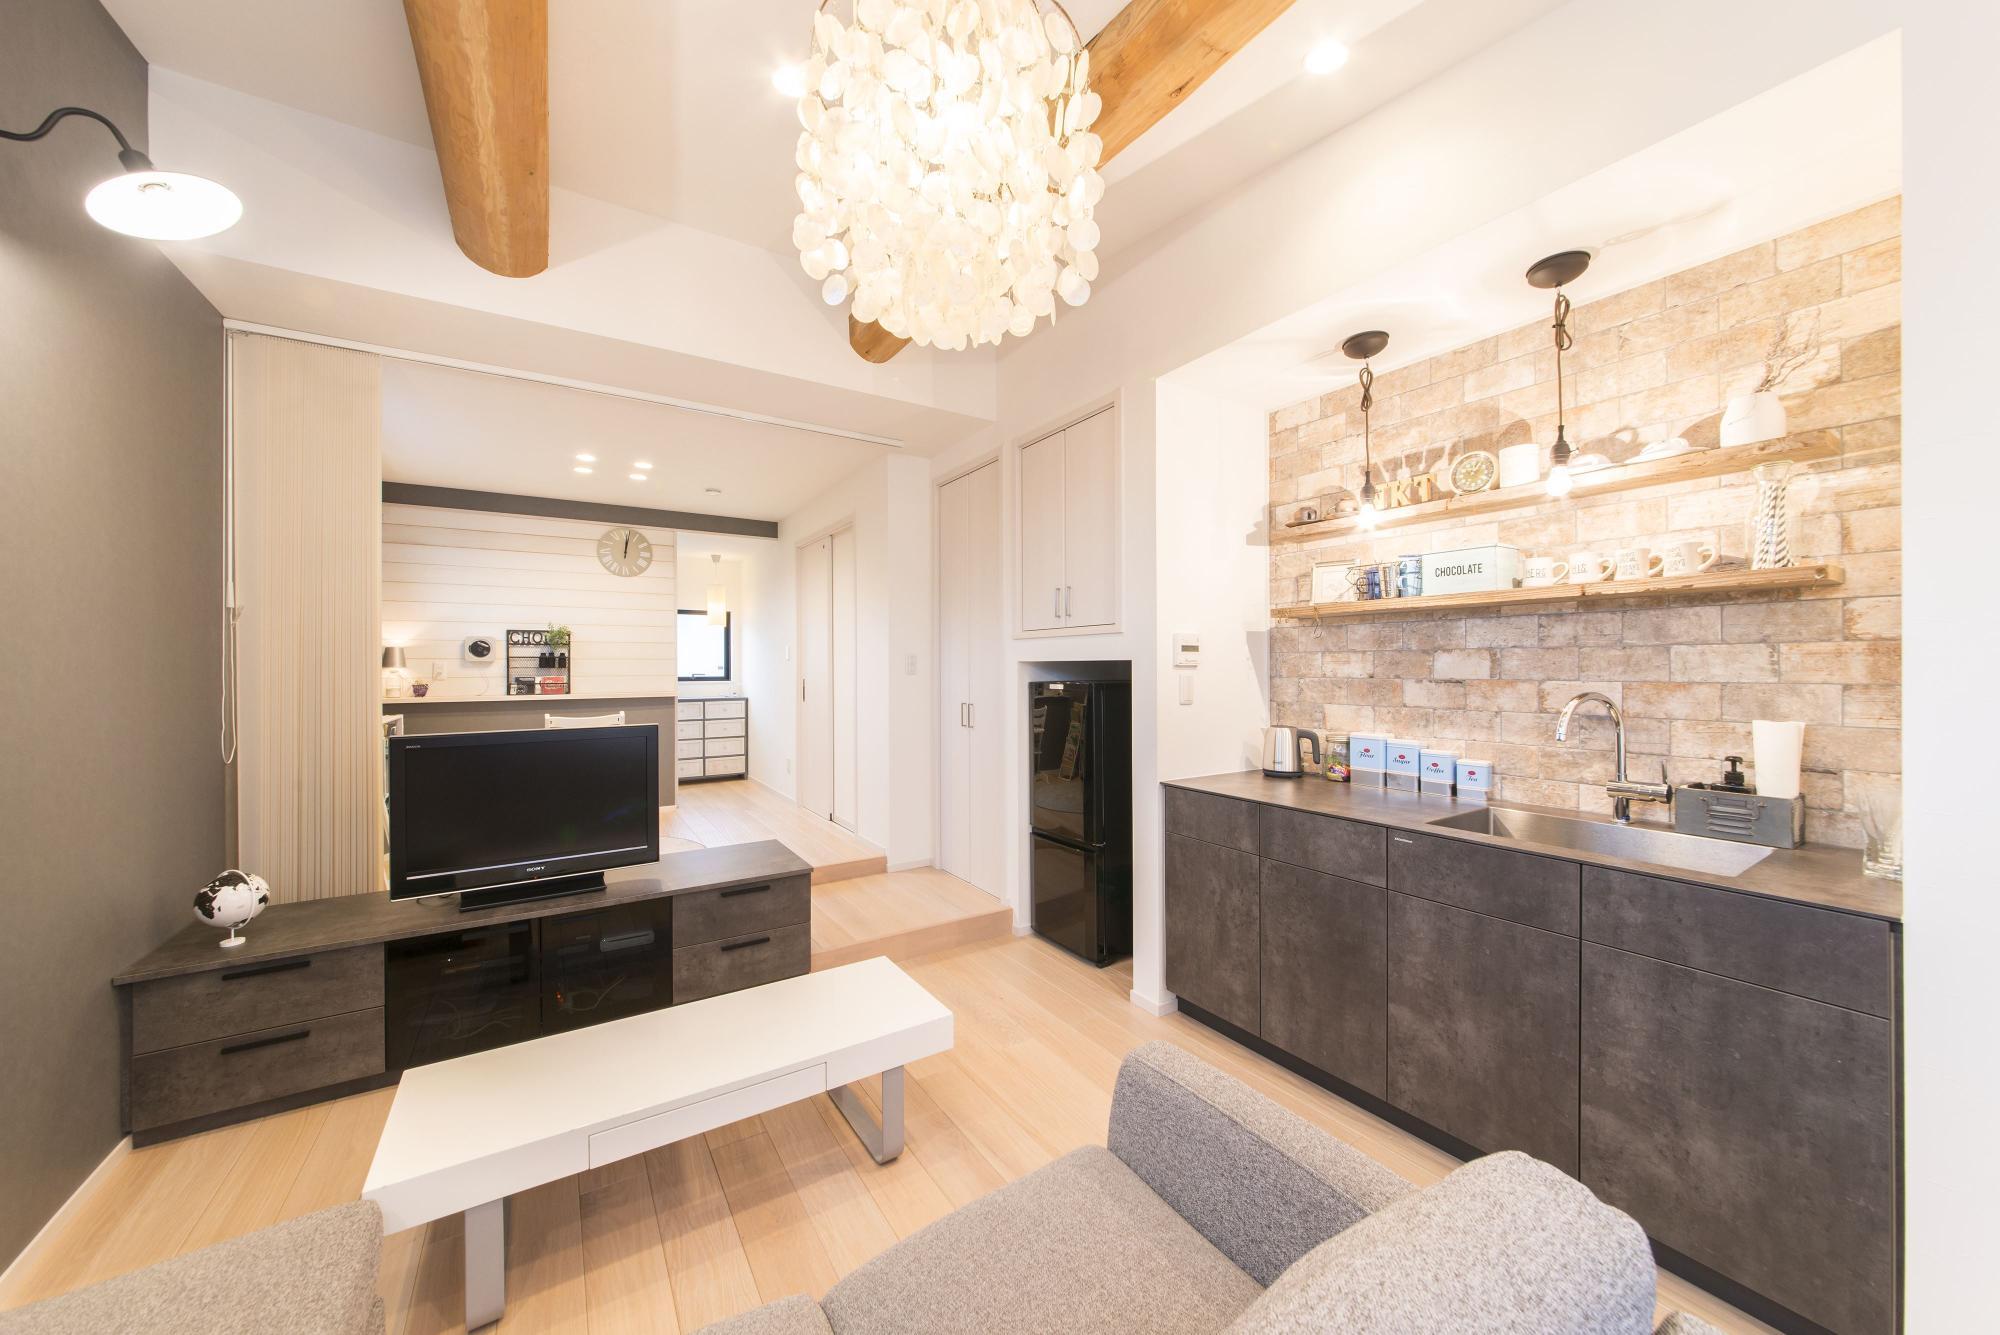 2階のシンプルなリビングには、家具のようなデザイン性の高いミニキッチンを新設。リビングの奥に位置する寝室は、奥様のアイデアによりリビングと段差を付けて空間をゆるやかに分けている。